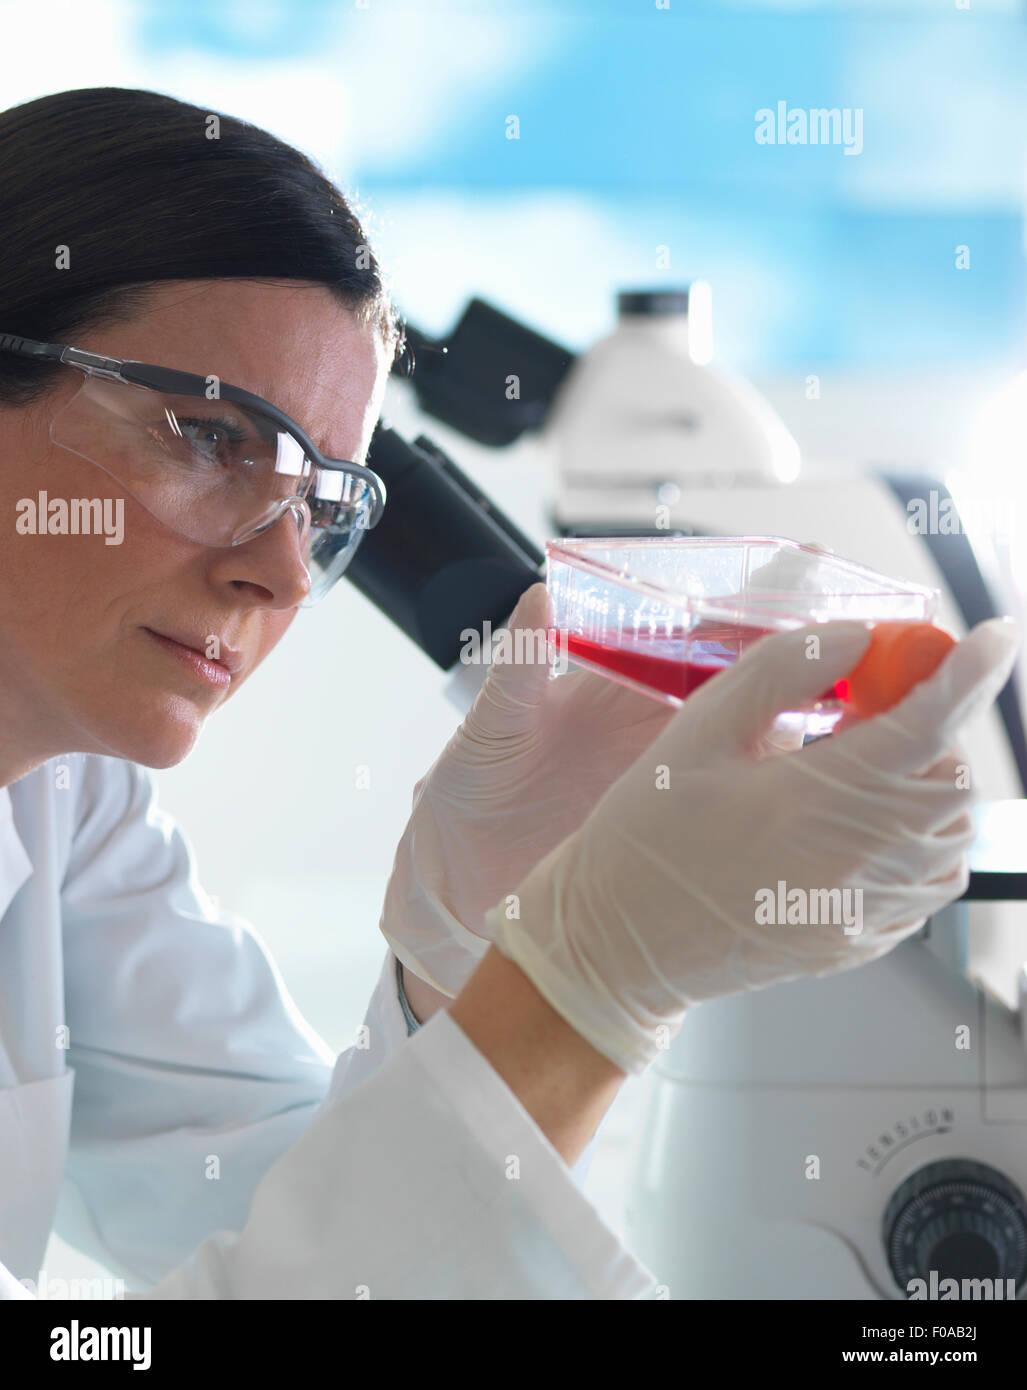 Weibliche Zellbiologe hält Kolben mit Stammzellen, kultiviert in roten Wachstumsmedium Stockfoto